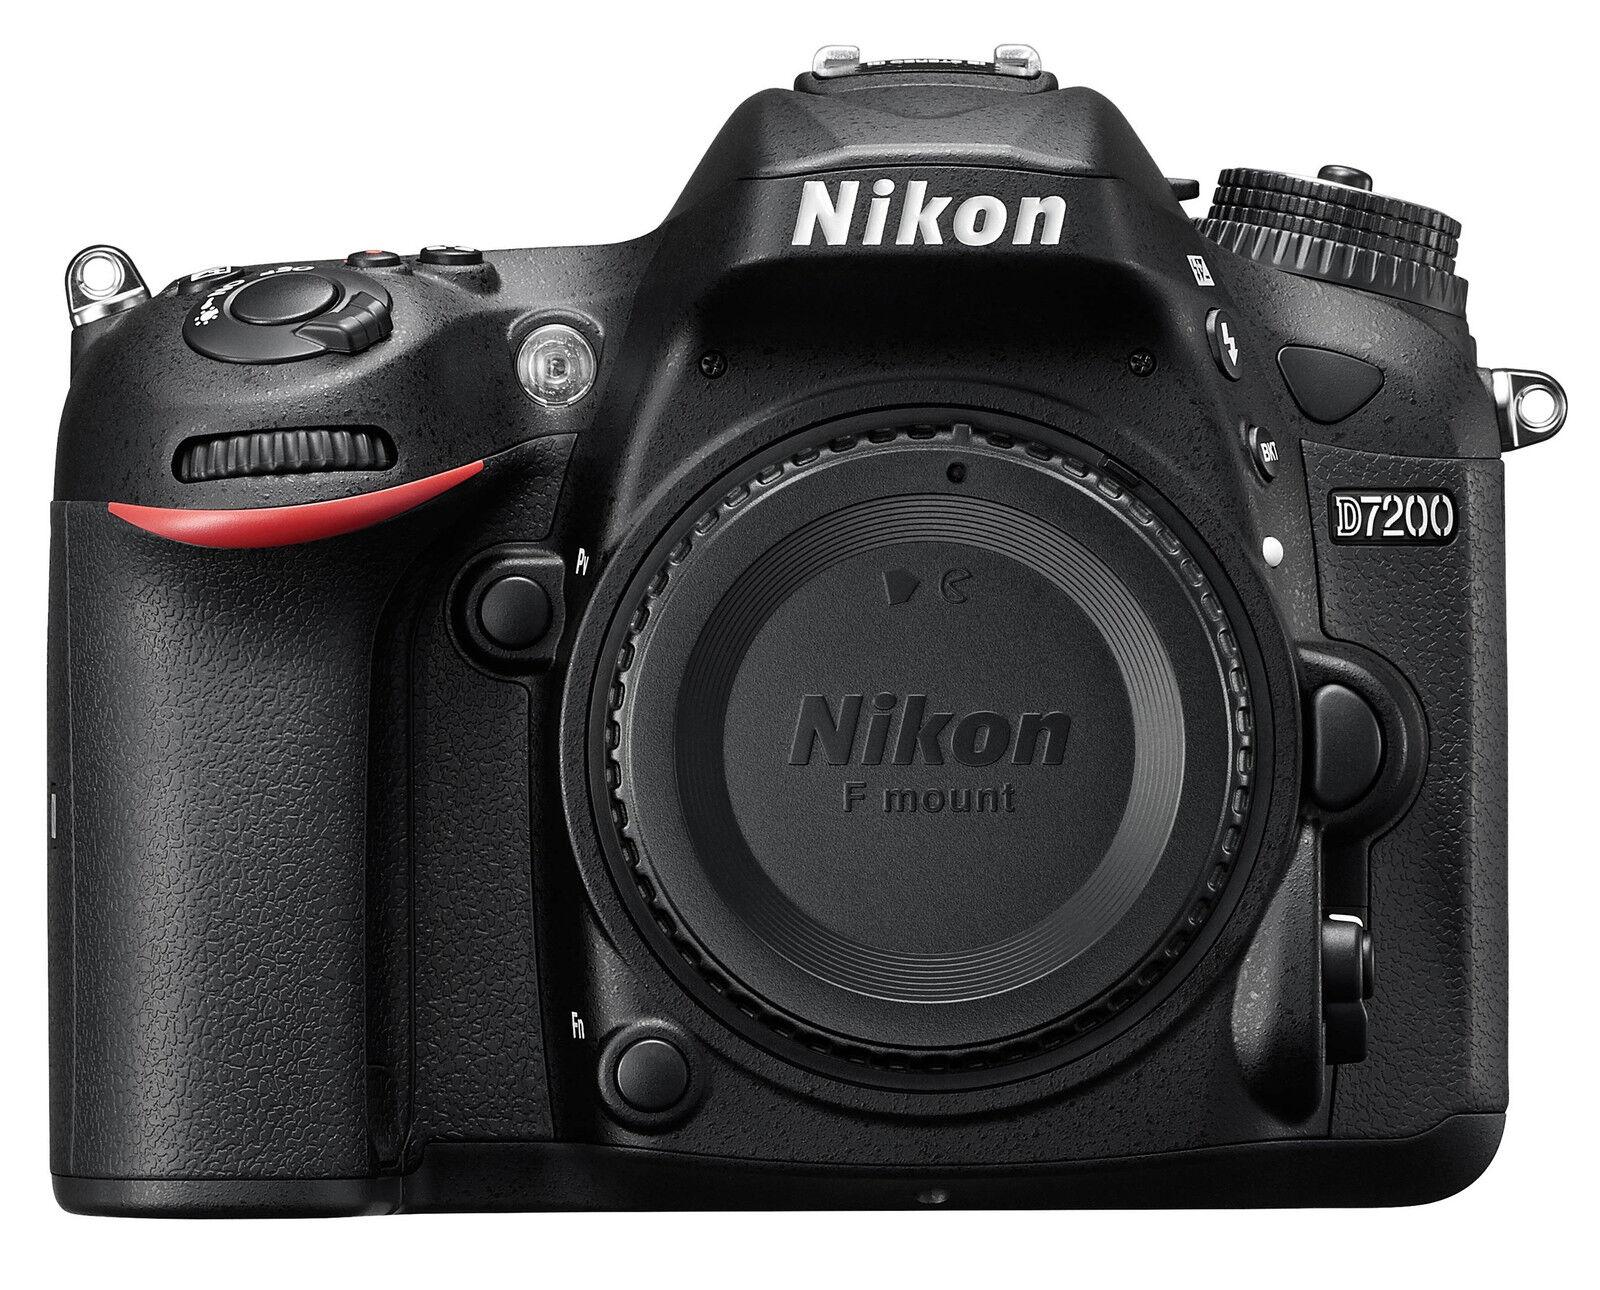 Nikon D7200  DSLR Body-  Top-Zustand gekauft erst 11/2017, 999 Auslösungen